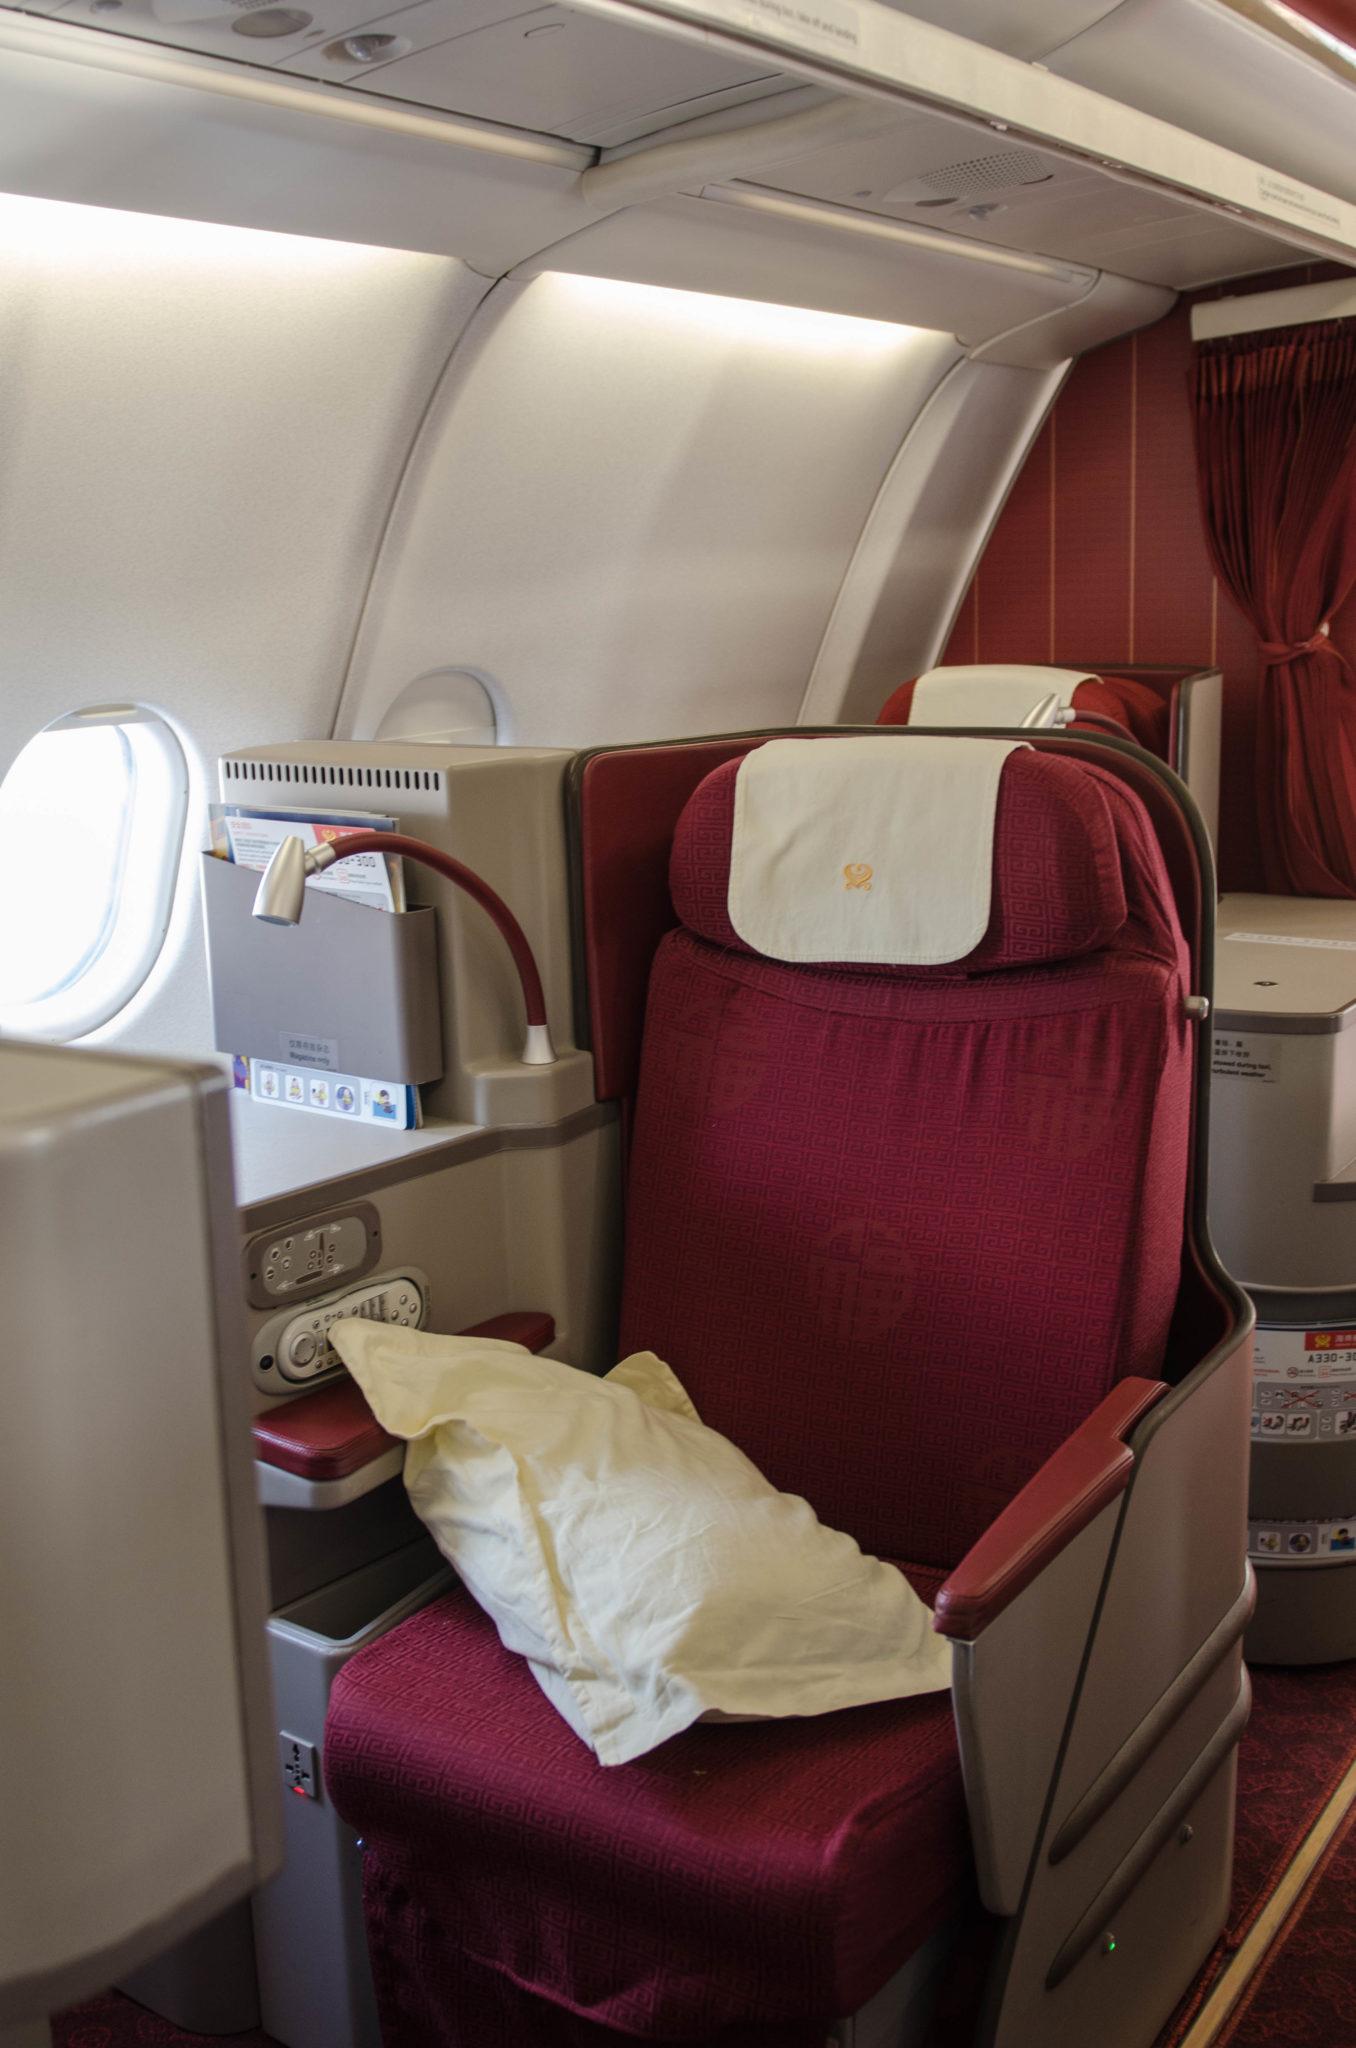 Gemütlich und komfortabel: Die Sitze der Hainan Business Class auf dem Flug von Peking nach Berlin